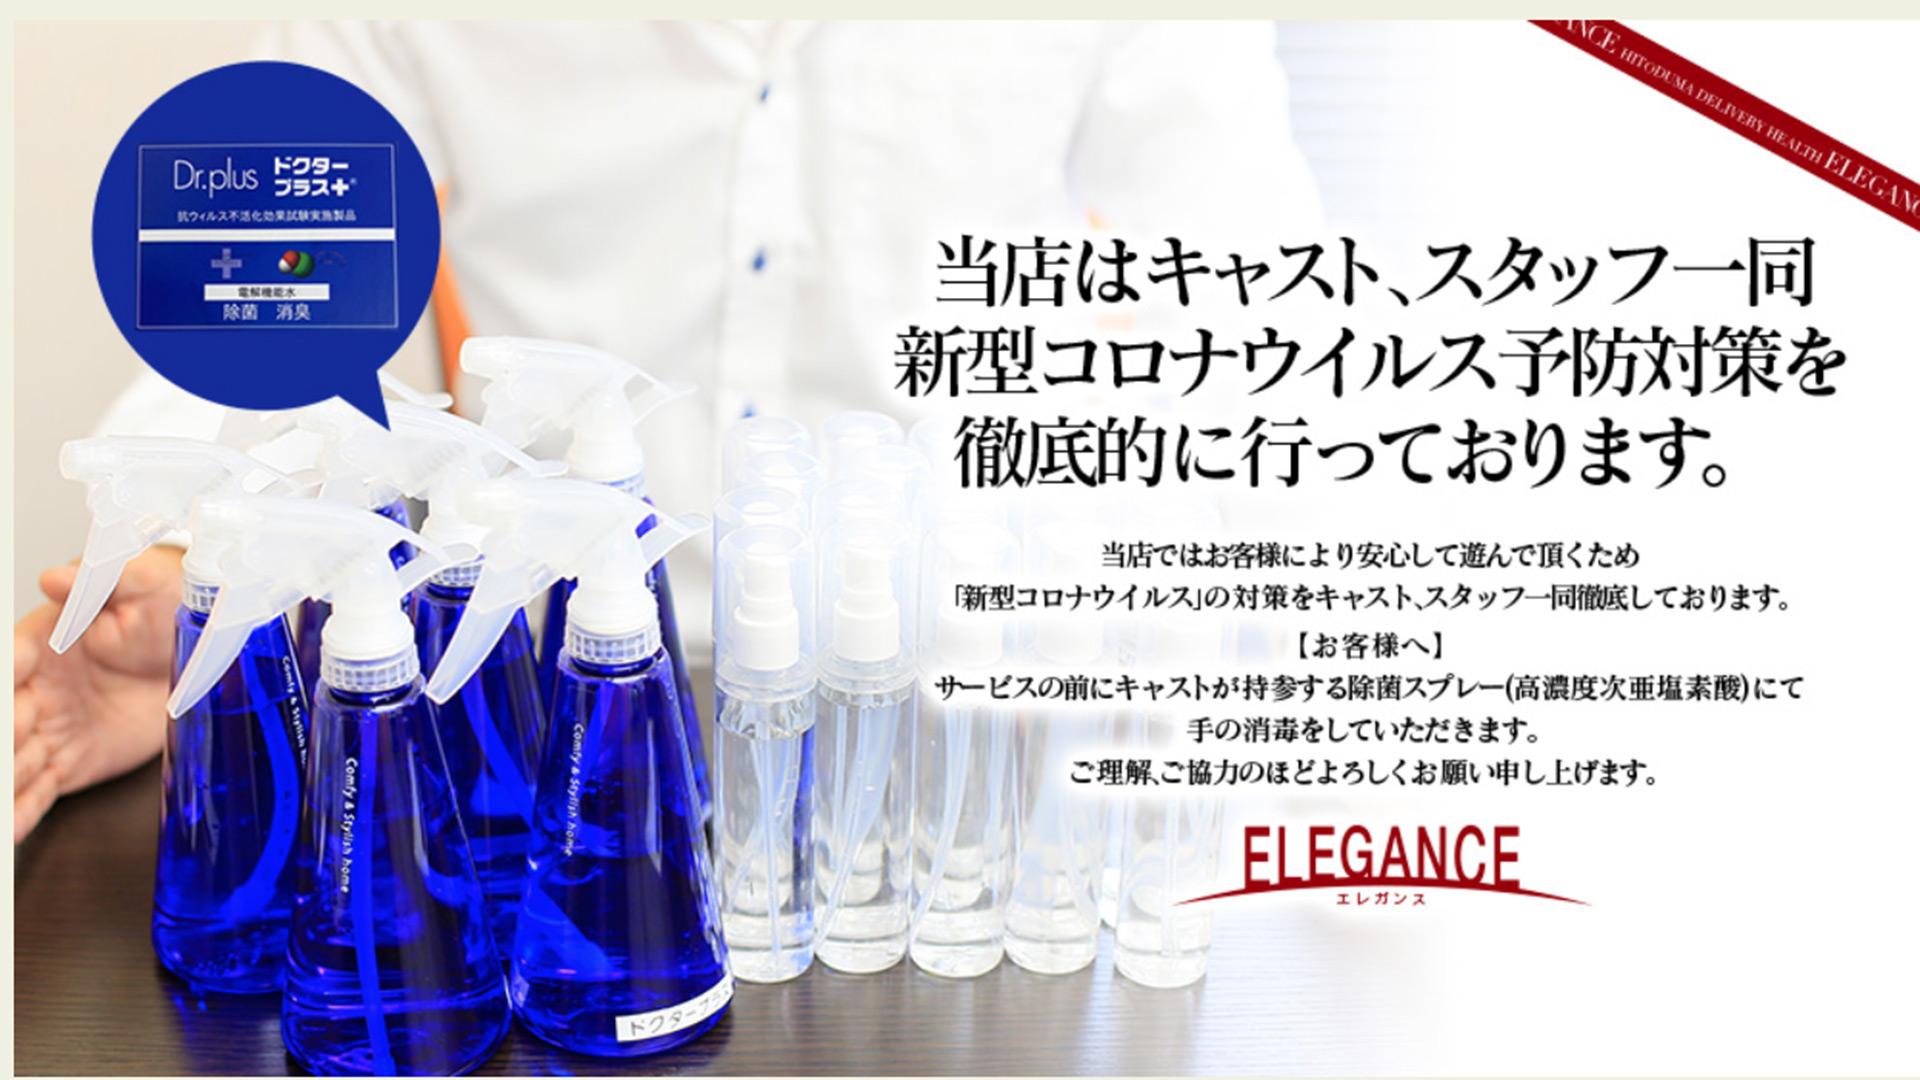 ELEGANCE エレガンス(広島市デリヘル)